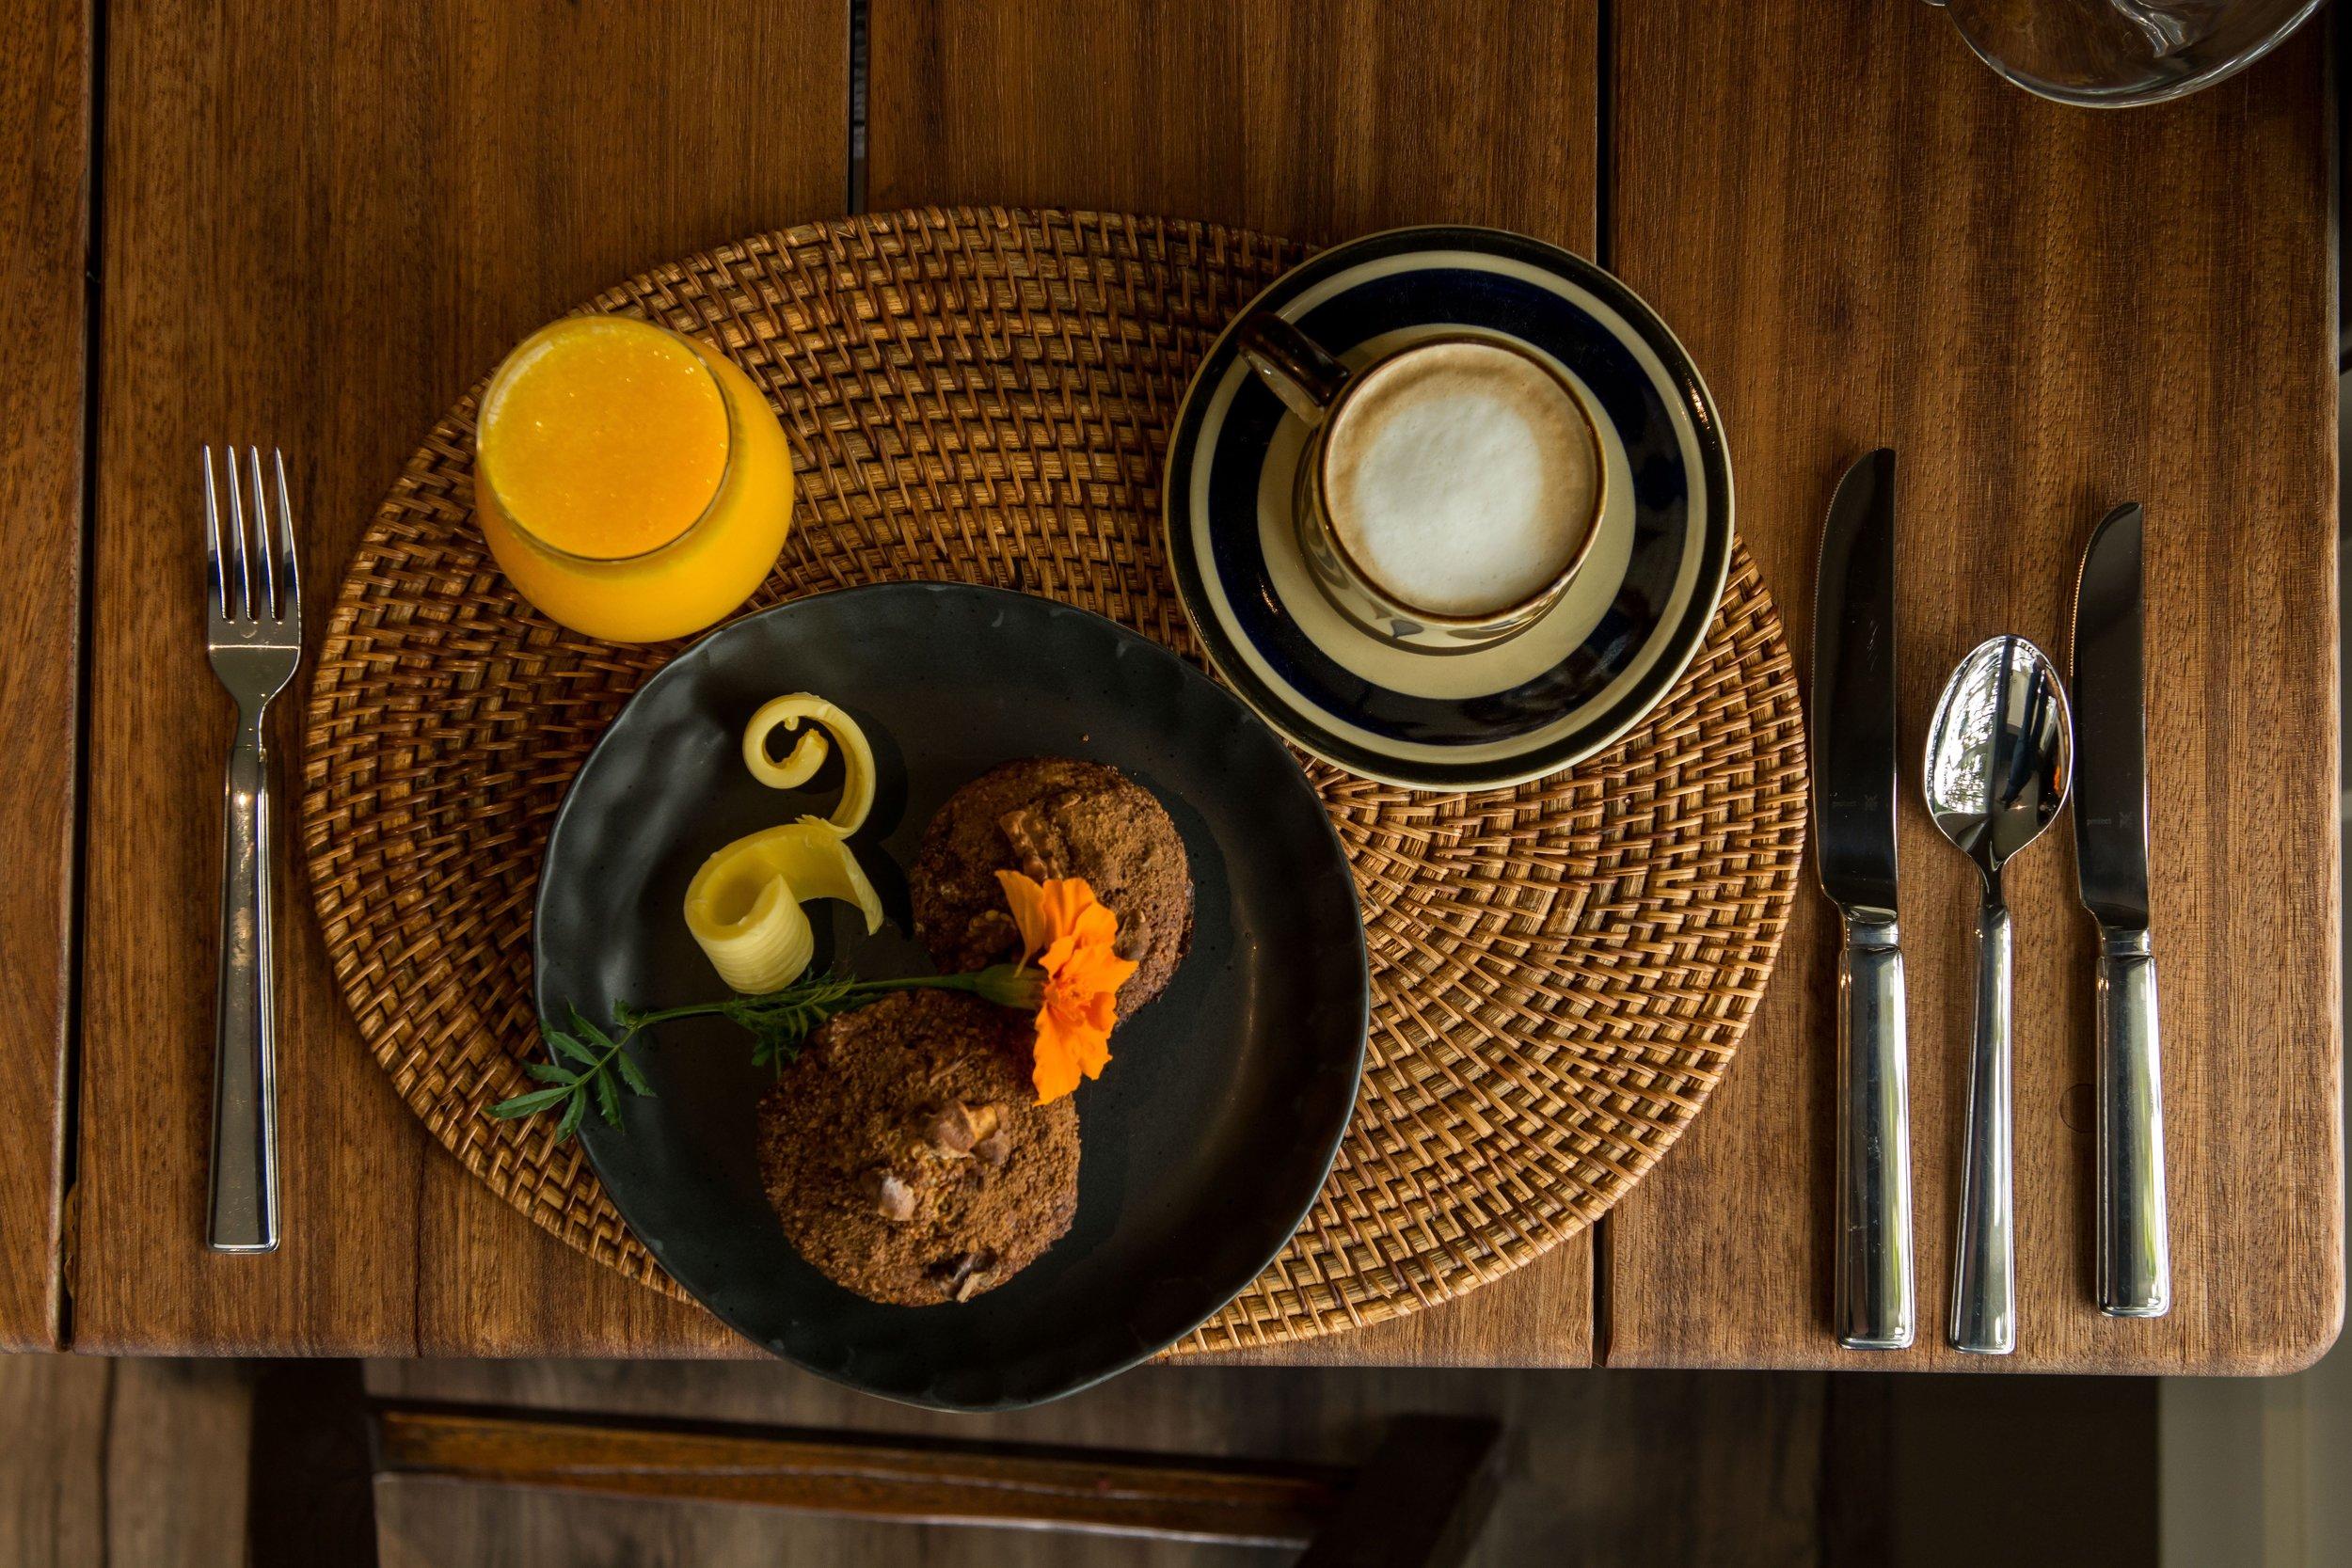 TeKoi - 446 breakfast 1.jpg